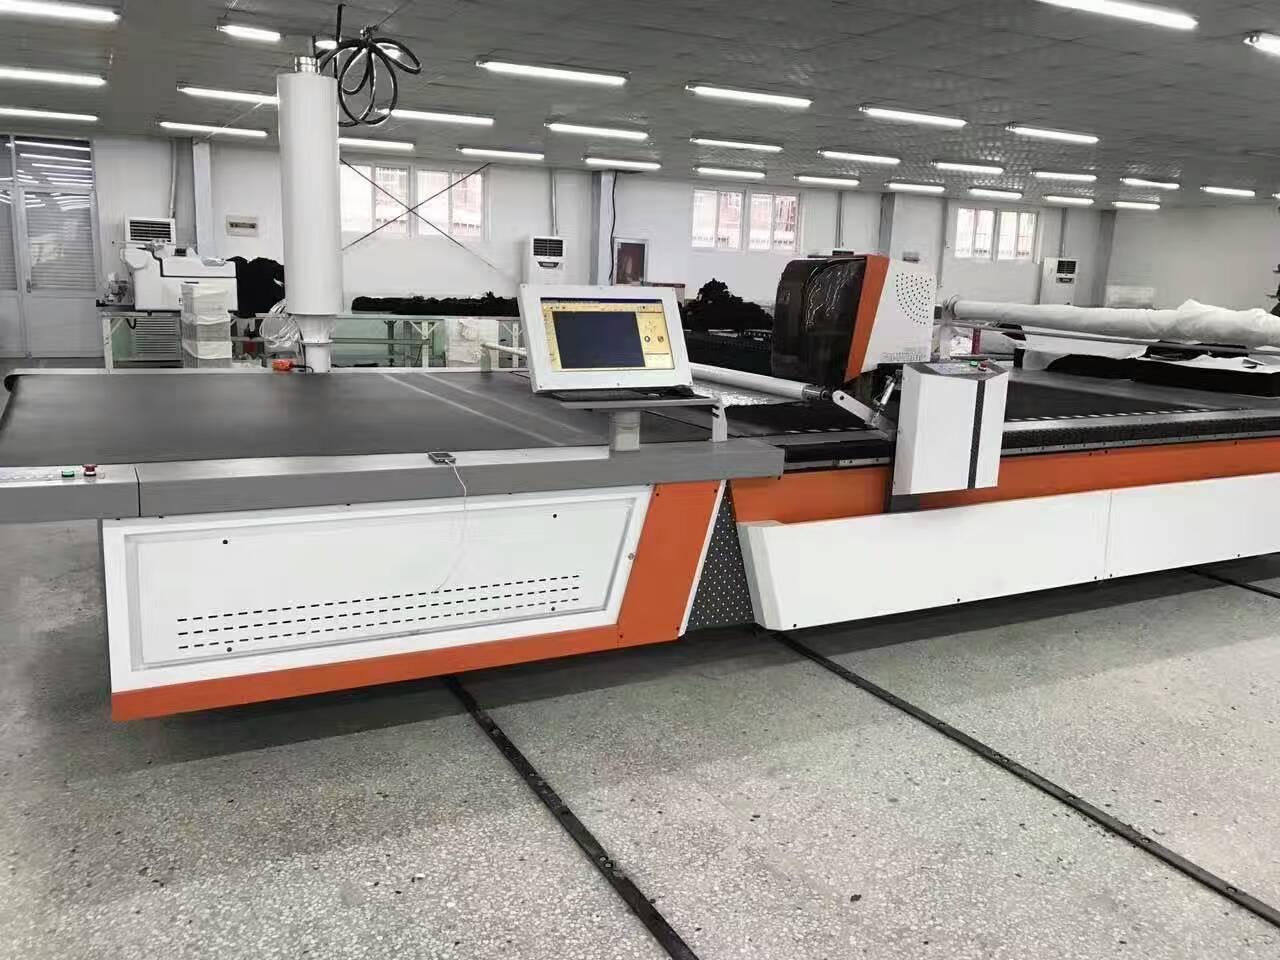 厂家供应全自动电脑裁床裁剪机,适用于服装 家私 家居等软性剪裁